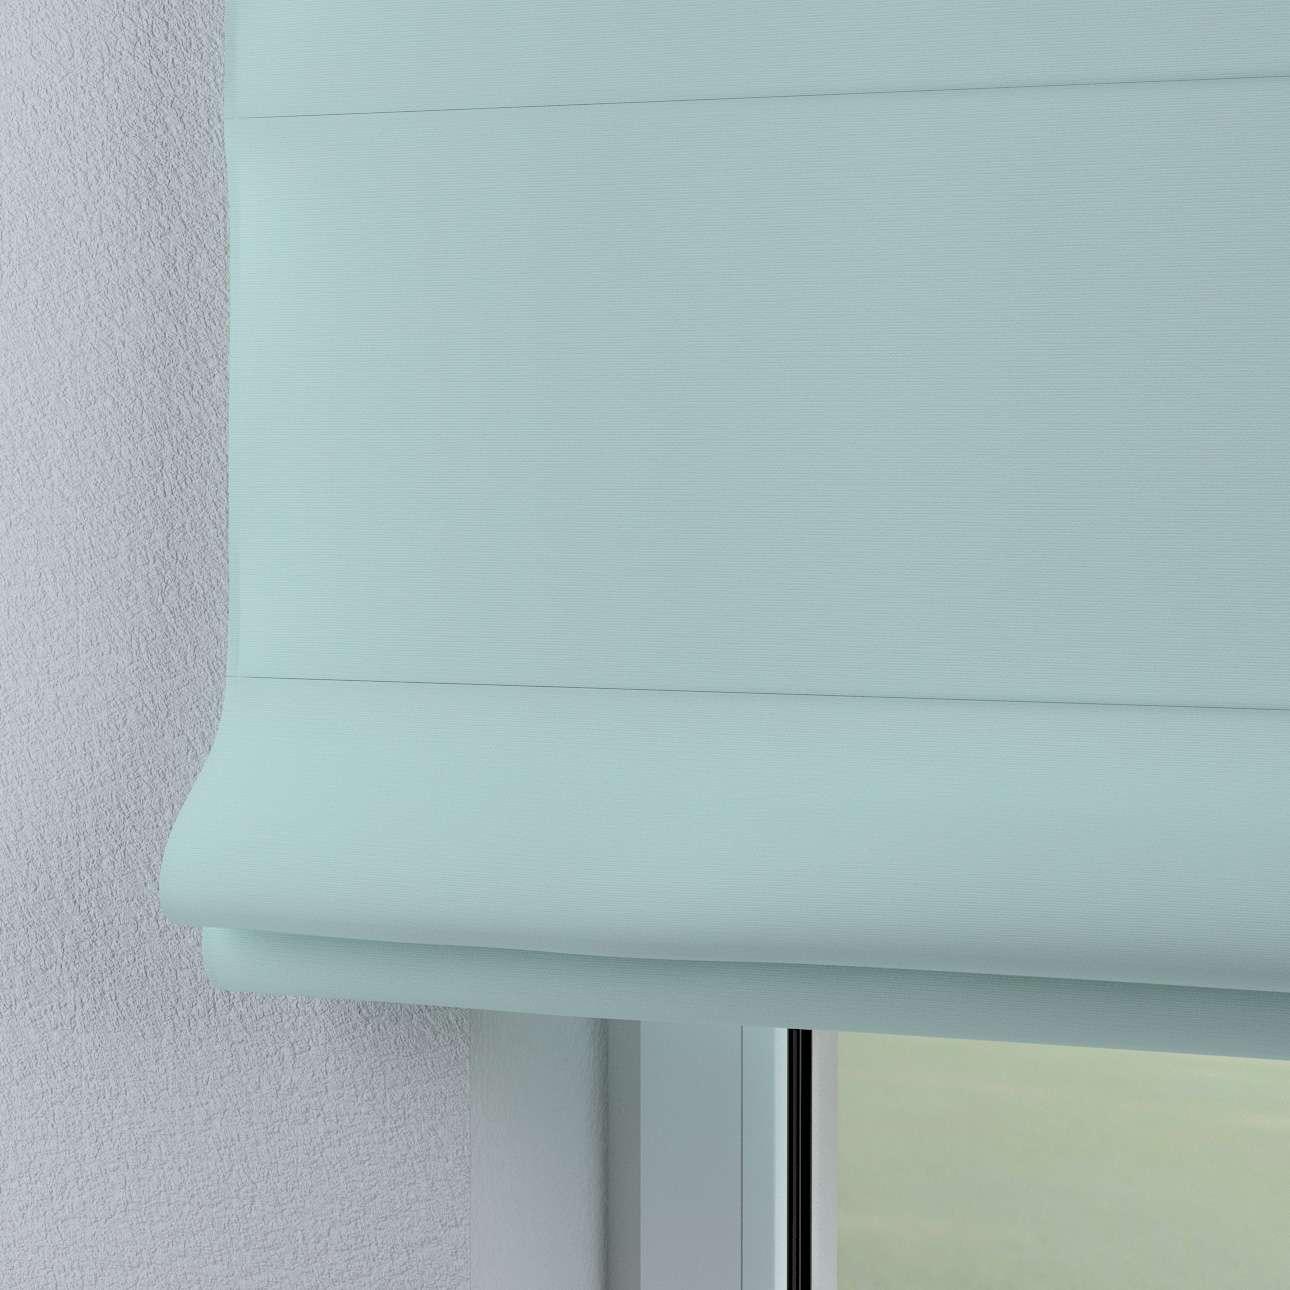 Romanetės Capri 80 x 170 cm (plotis x ilgis) kolekcijoje Cotton Panama, audinys: 702-10